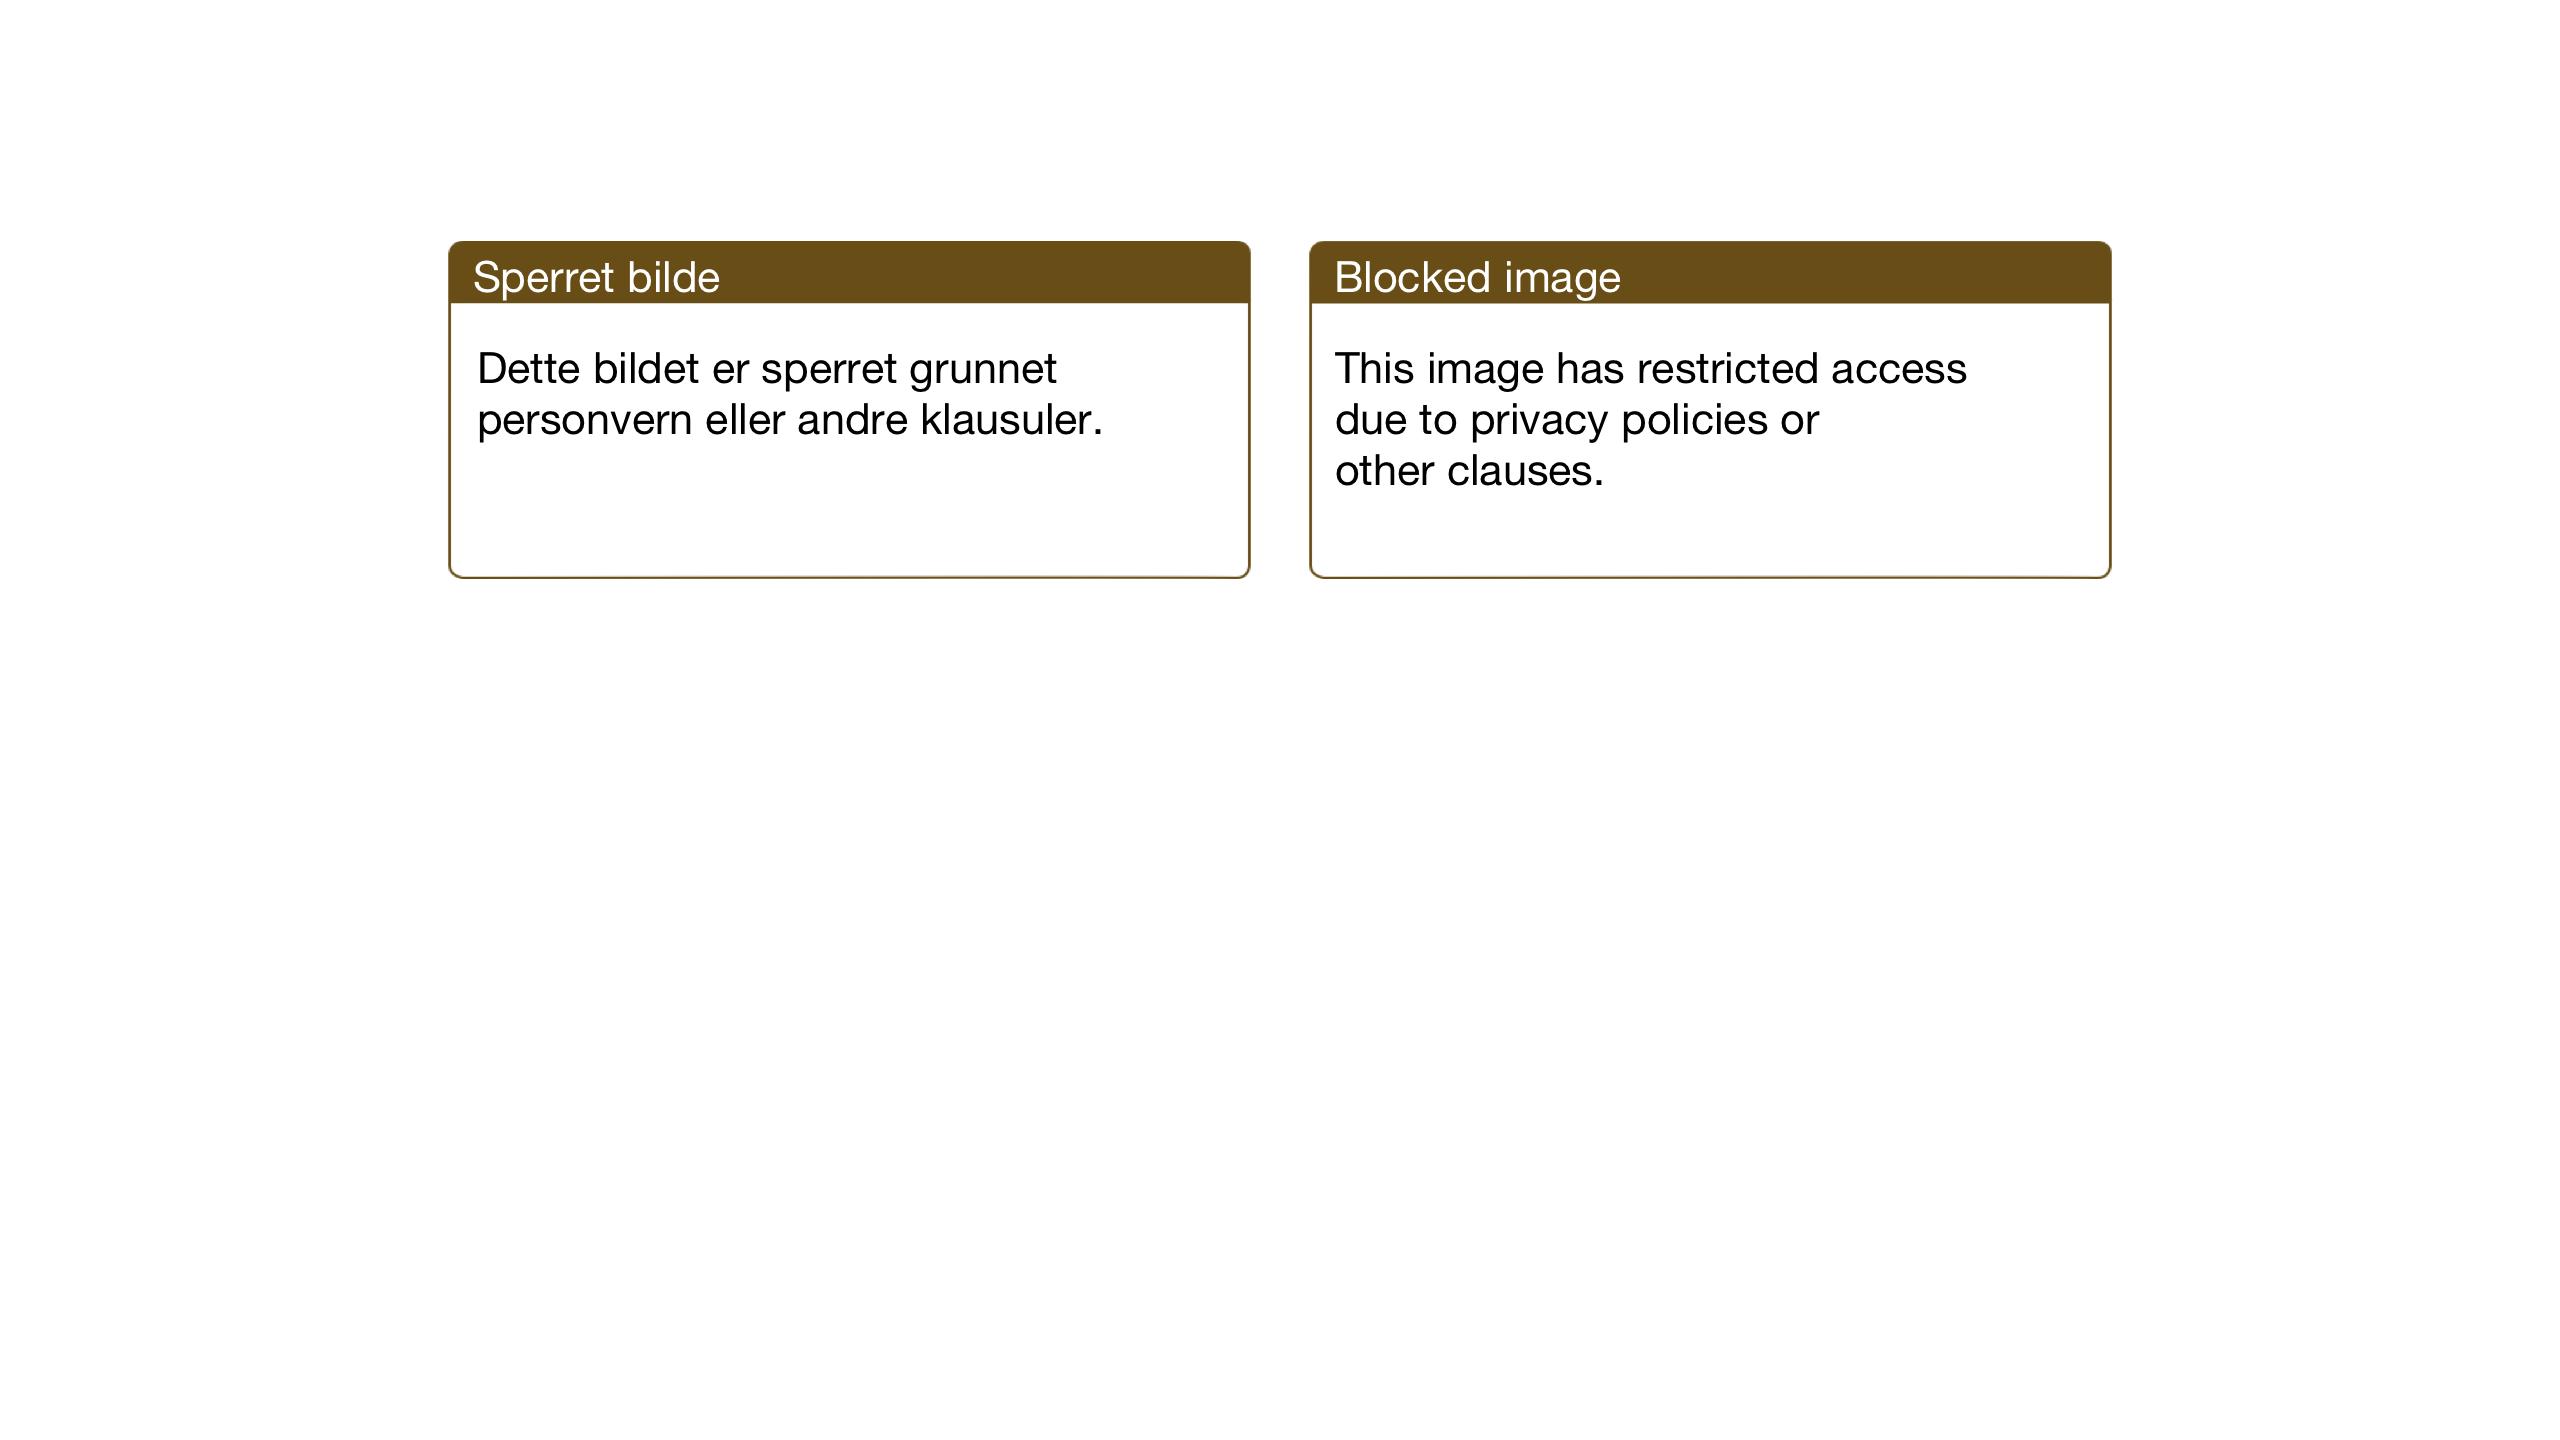 SAT, Ministerialprotokoller, klokkerbøker og fødselsregistre - Sør-Trøndelag, 617/L0433: Klokkerbok nr. 617C04, 1942-1947, s. 68